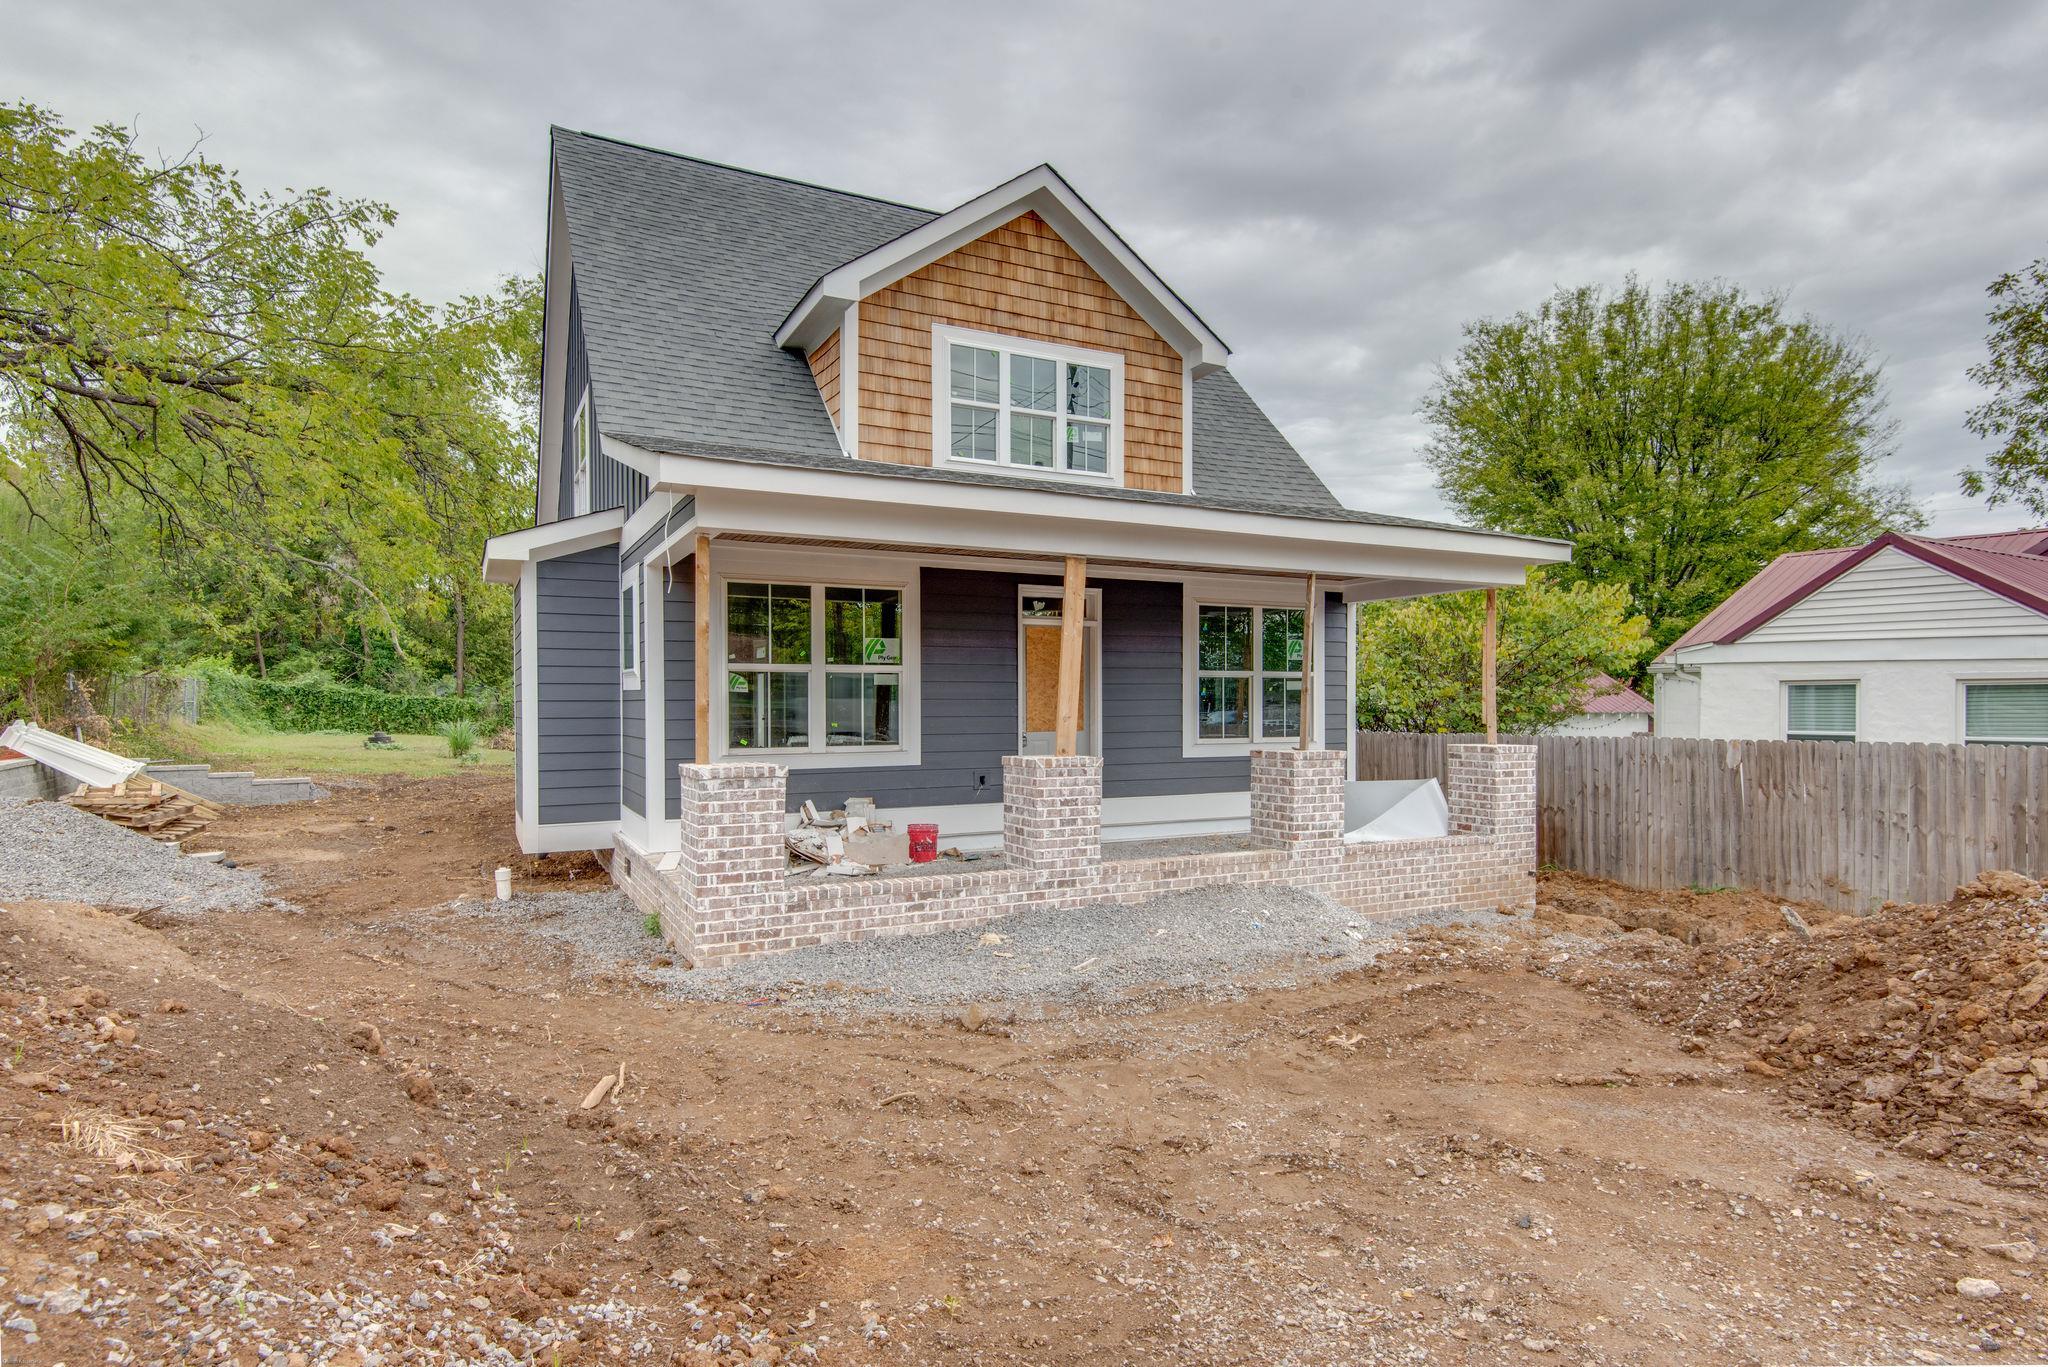 502 Veritas, Antioch, TN 37011 - Antioch, TN real estate listing